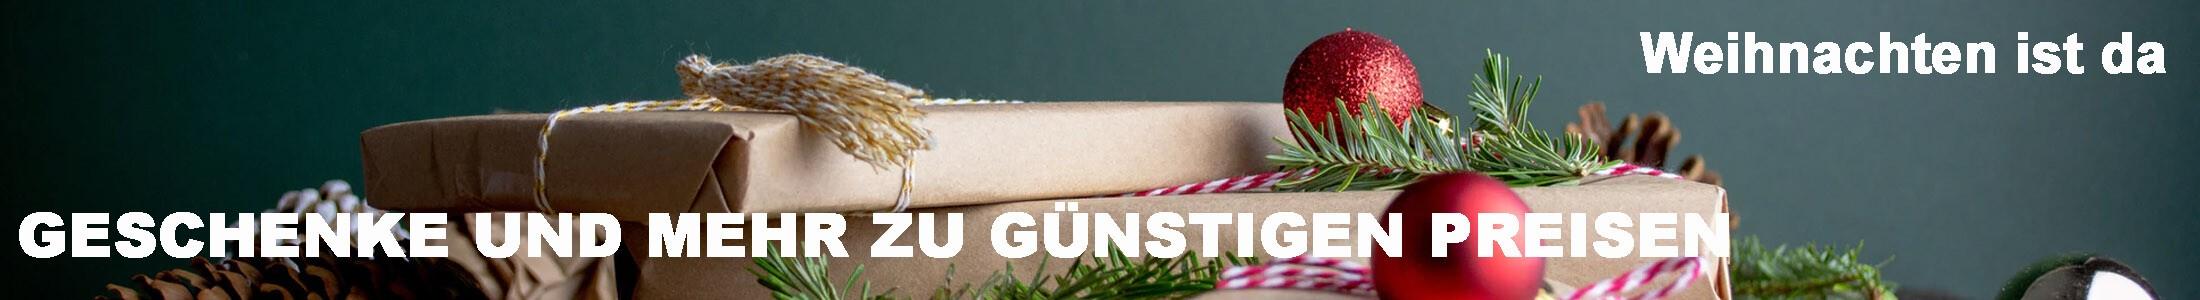 Weihnachten Geschenkideen